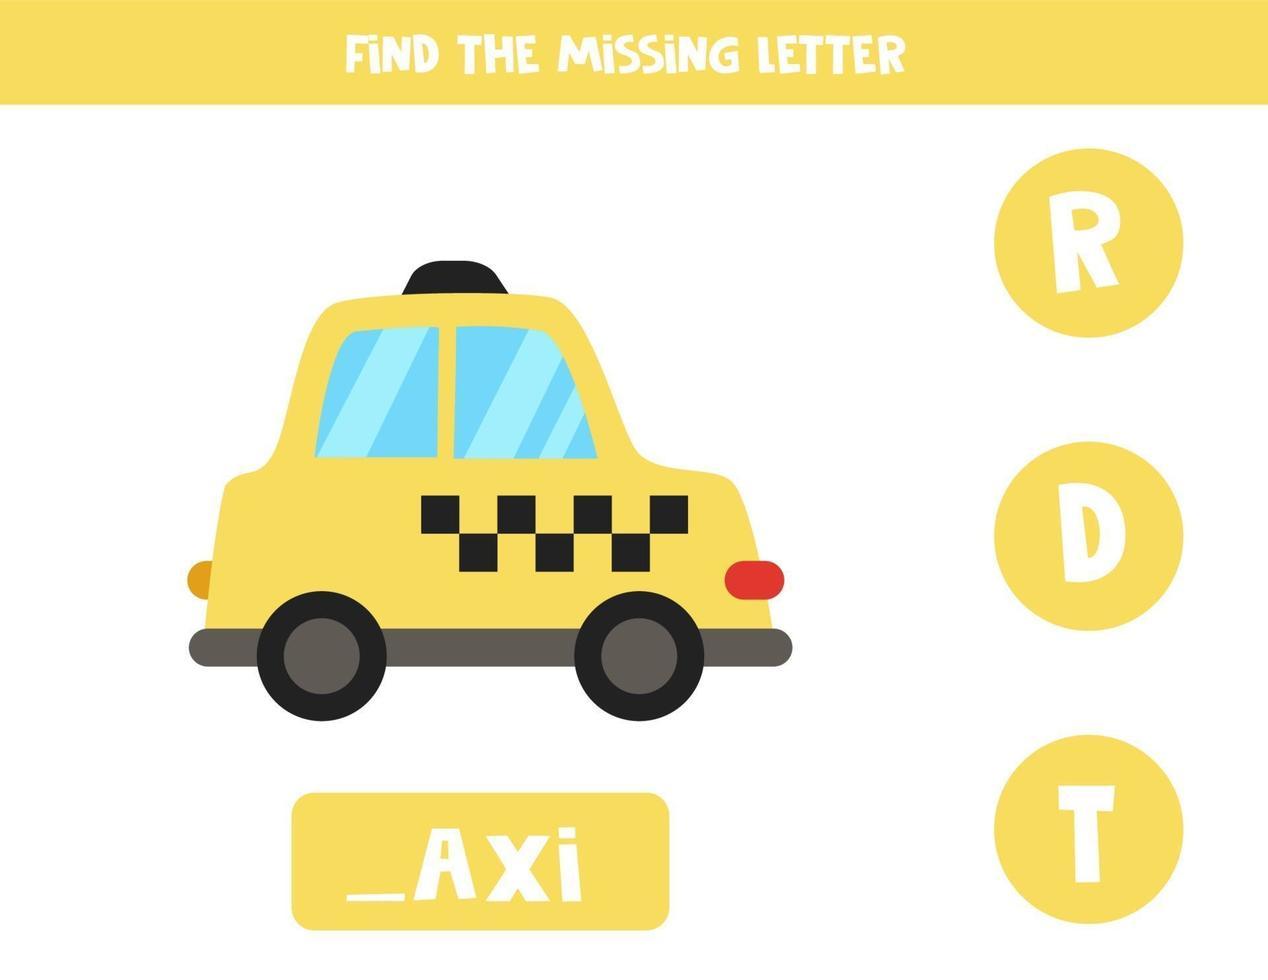 encontrar carta perdida com táxi de desenho animado. planilha de ortografia. vetor